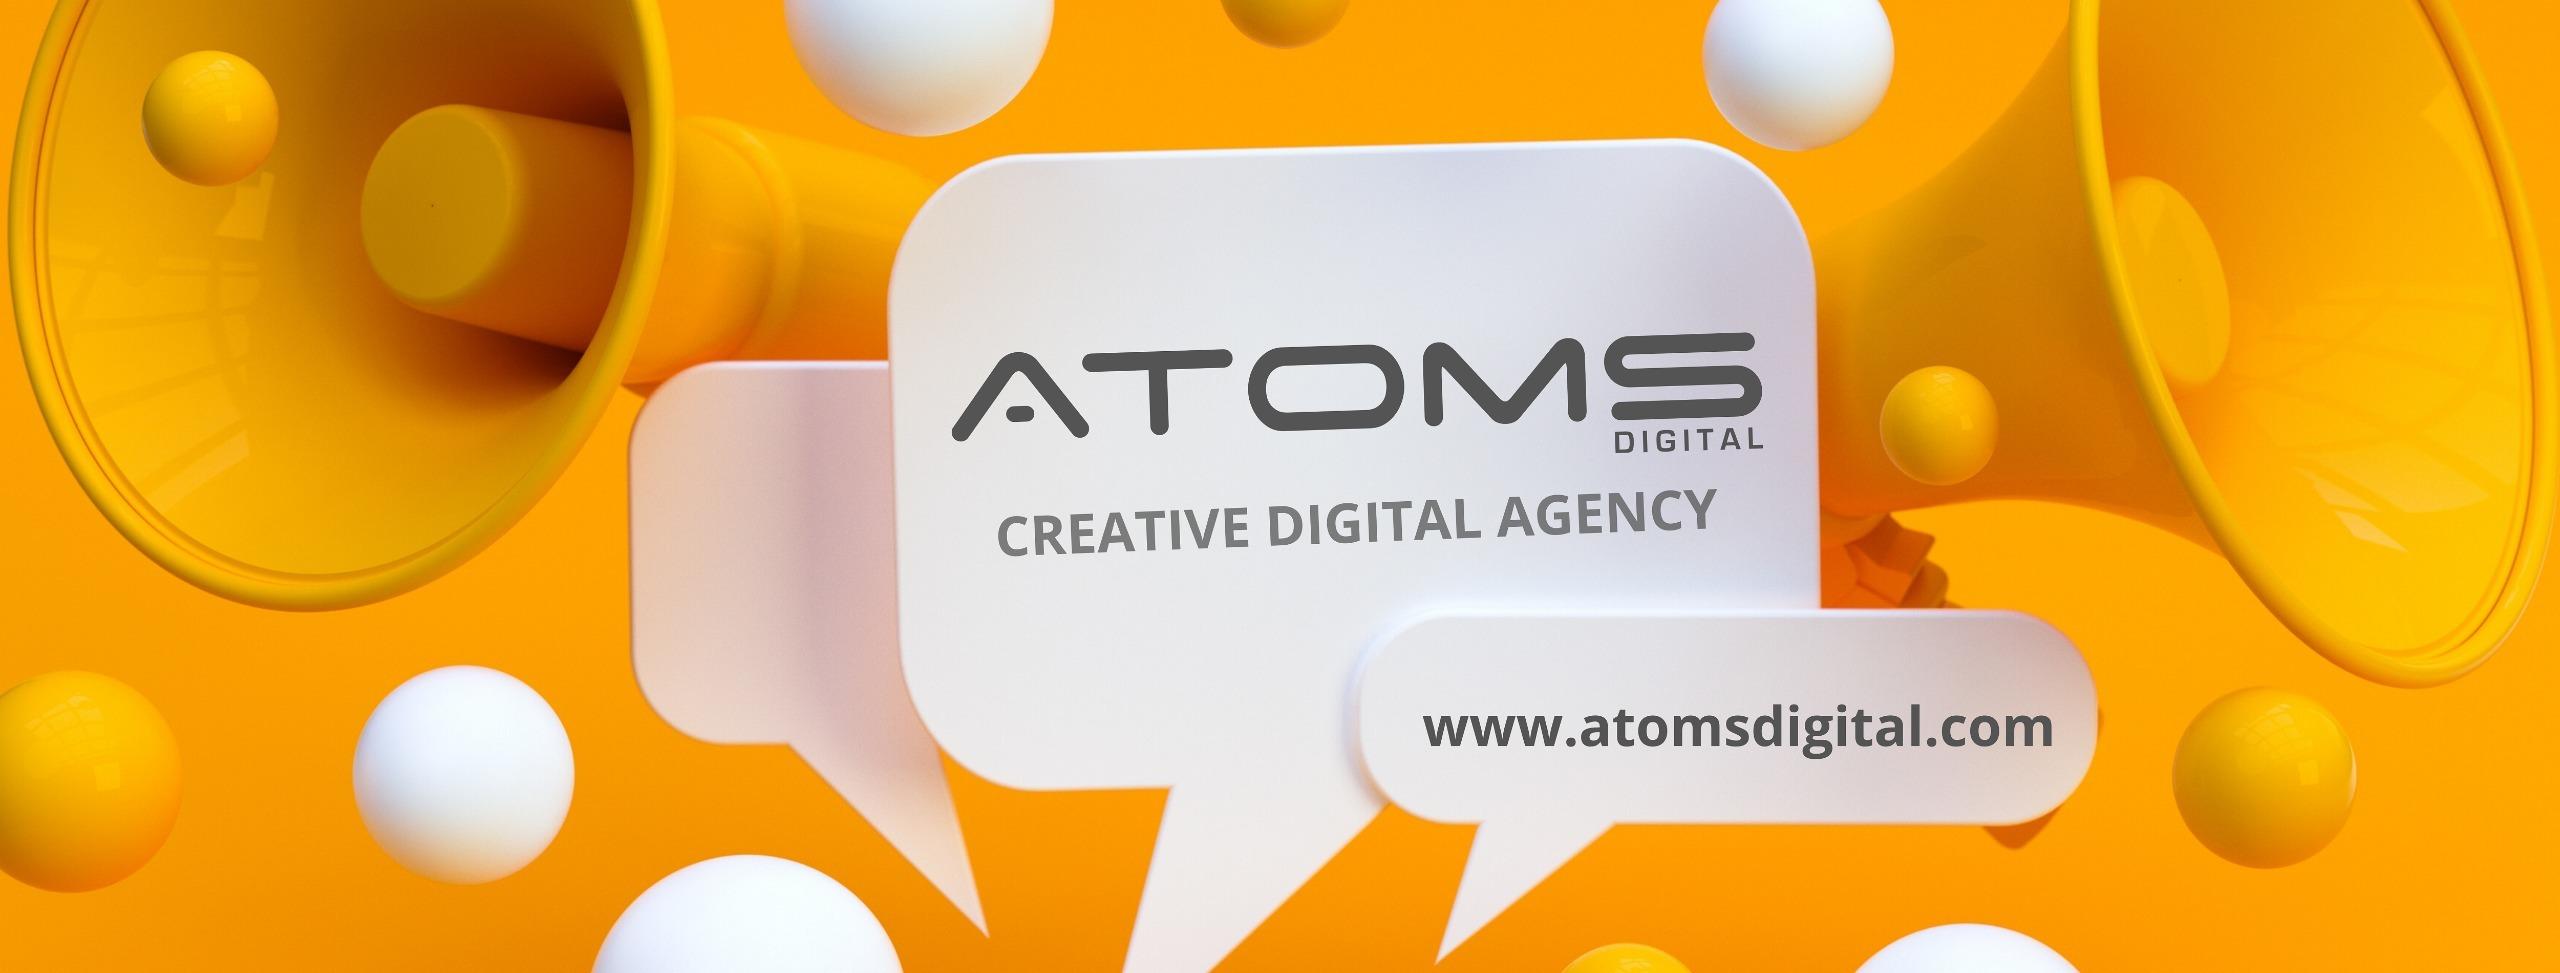 atomsdigital (@atomsdigital) Cover Image